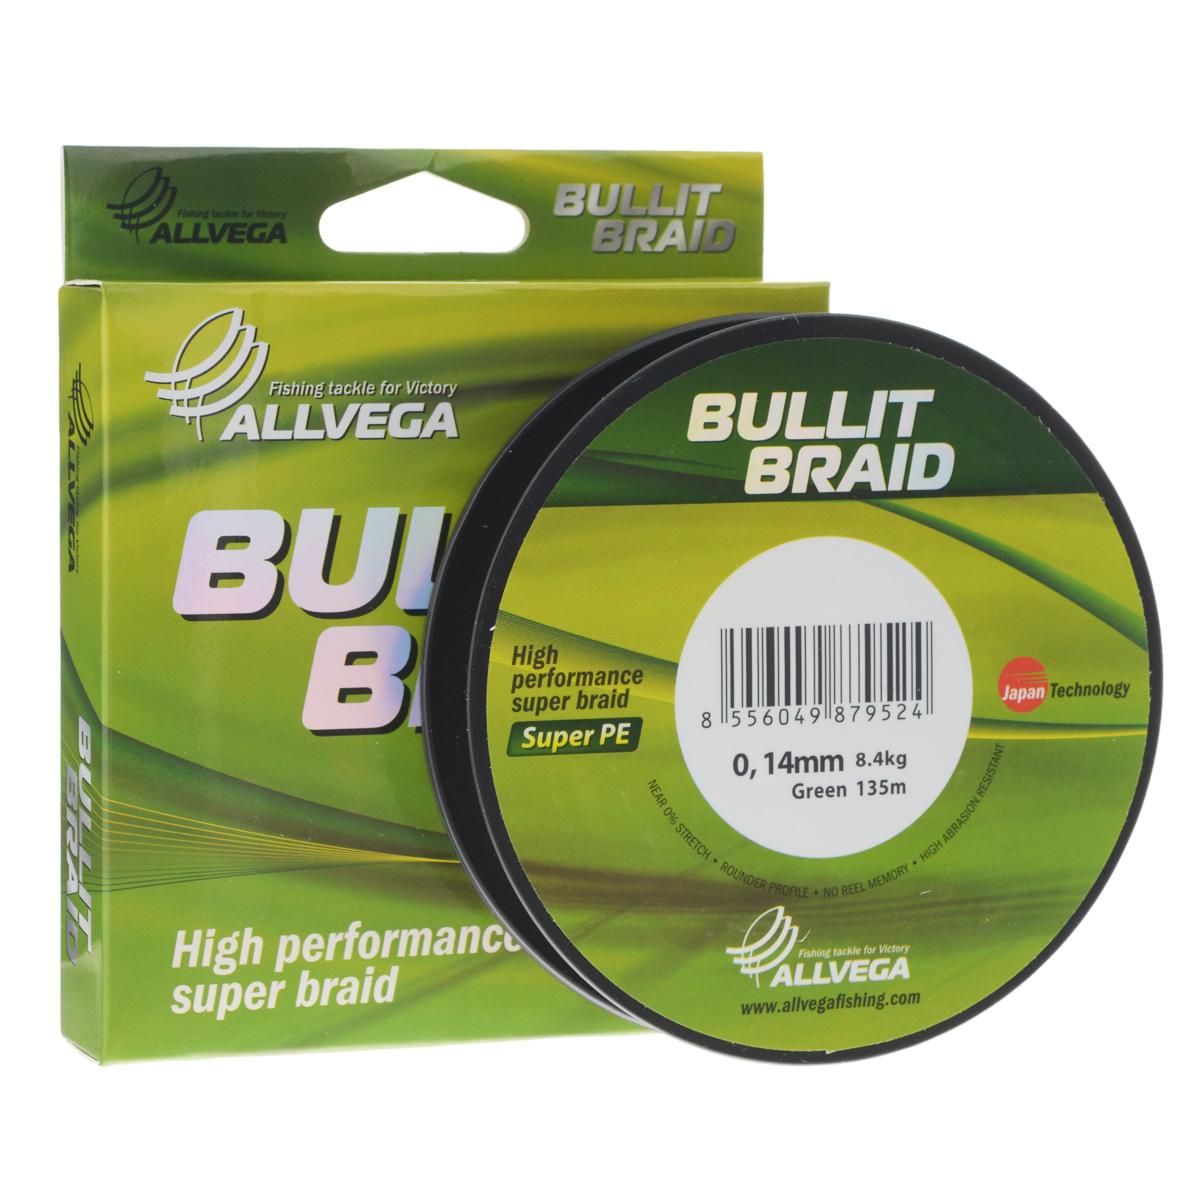 Леска плетеная Allvega Bullit Braid, цвет: темно-зеленый, 135 м, 0,14 мм, 8,4 кг21441Леска Allvega Bullit Braid с гладкой поверхностью и одинаковым сечением по всей длине обладает высокой износостойкостью. Благодаря микроволокнам полиэтилена (Super PE) леска имеет очень плотное плетение и не впитывает воду. Леску Allvega Bullit Braid можно применять в любых типах водоемов. Особенности:повышенная износостойкость;высокая чувствительность - коэффициент растяжения близок к нулю;отсутствует память; идеально гладкая поверхность позволяет увеличить дальность забросов; высокая прочность шнура на узлах.